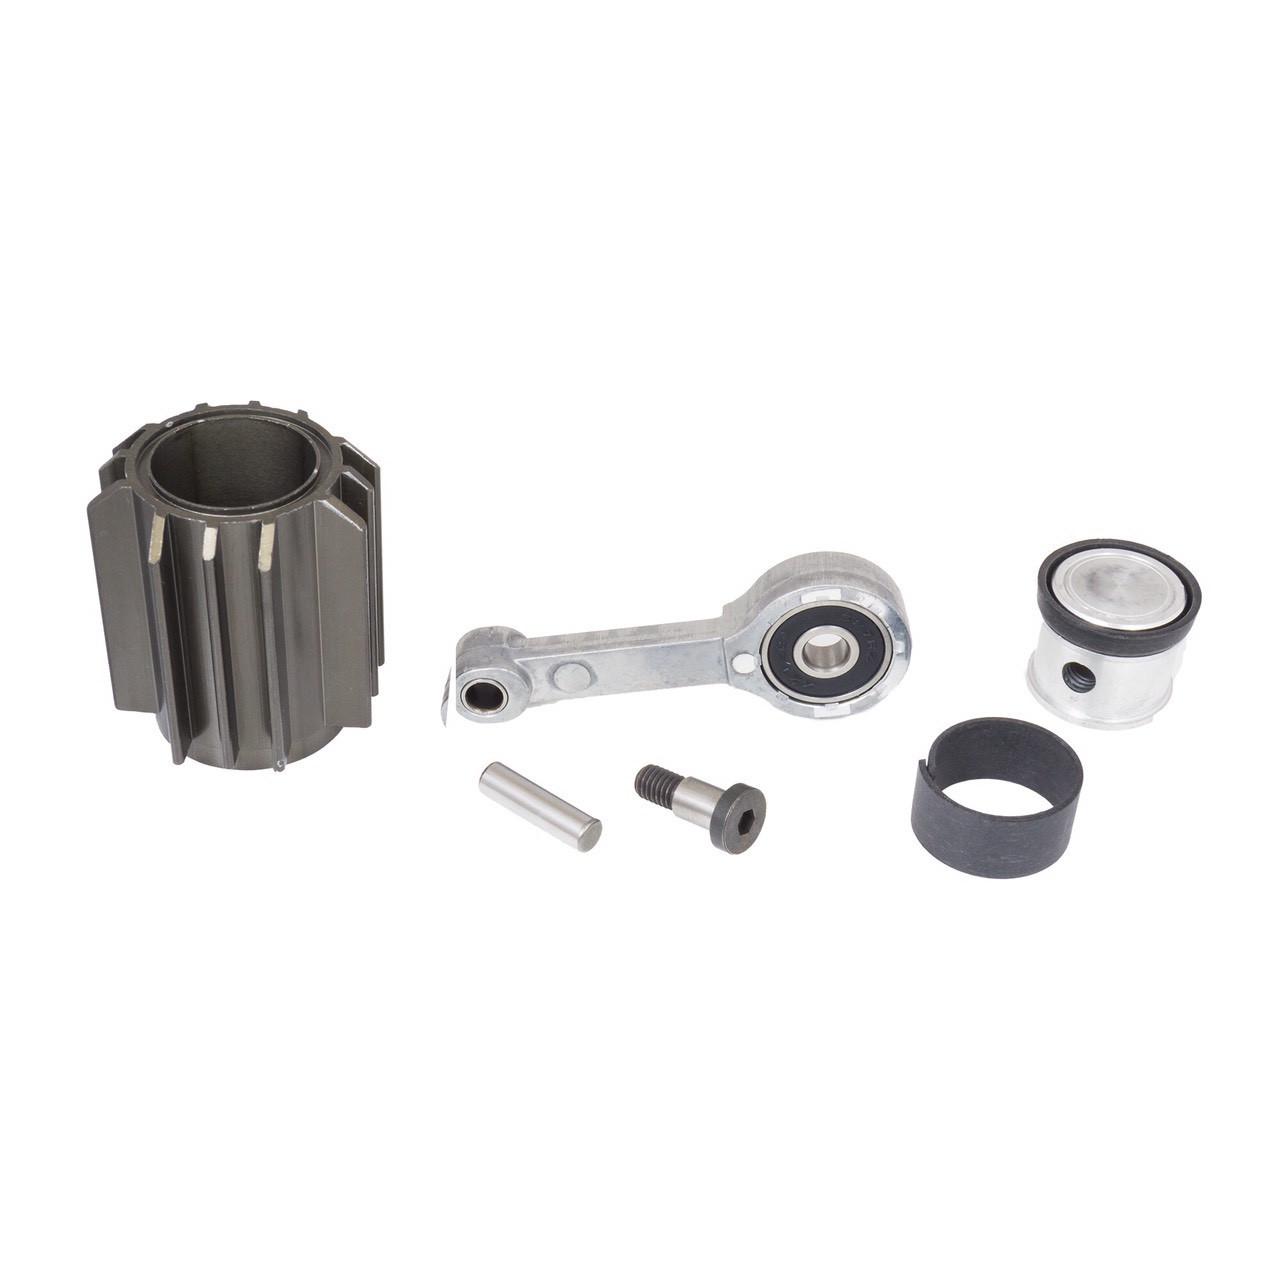 Ремкомплект компрессора пневмоподвески Hitachi для Land Rover и Range Rover